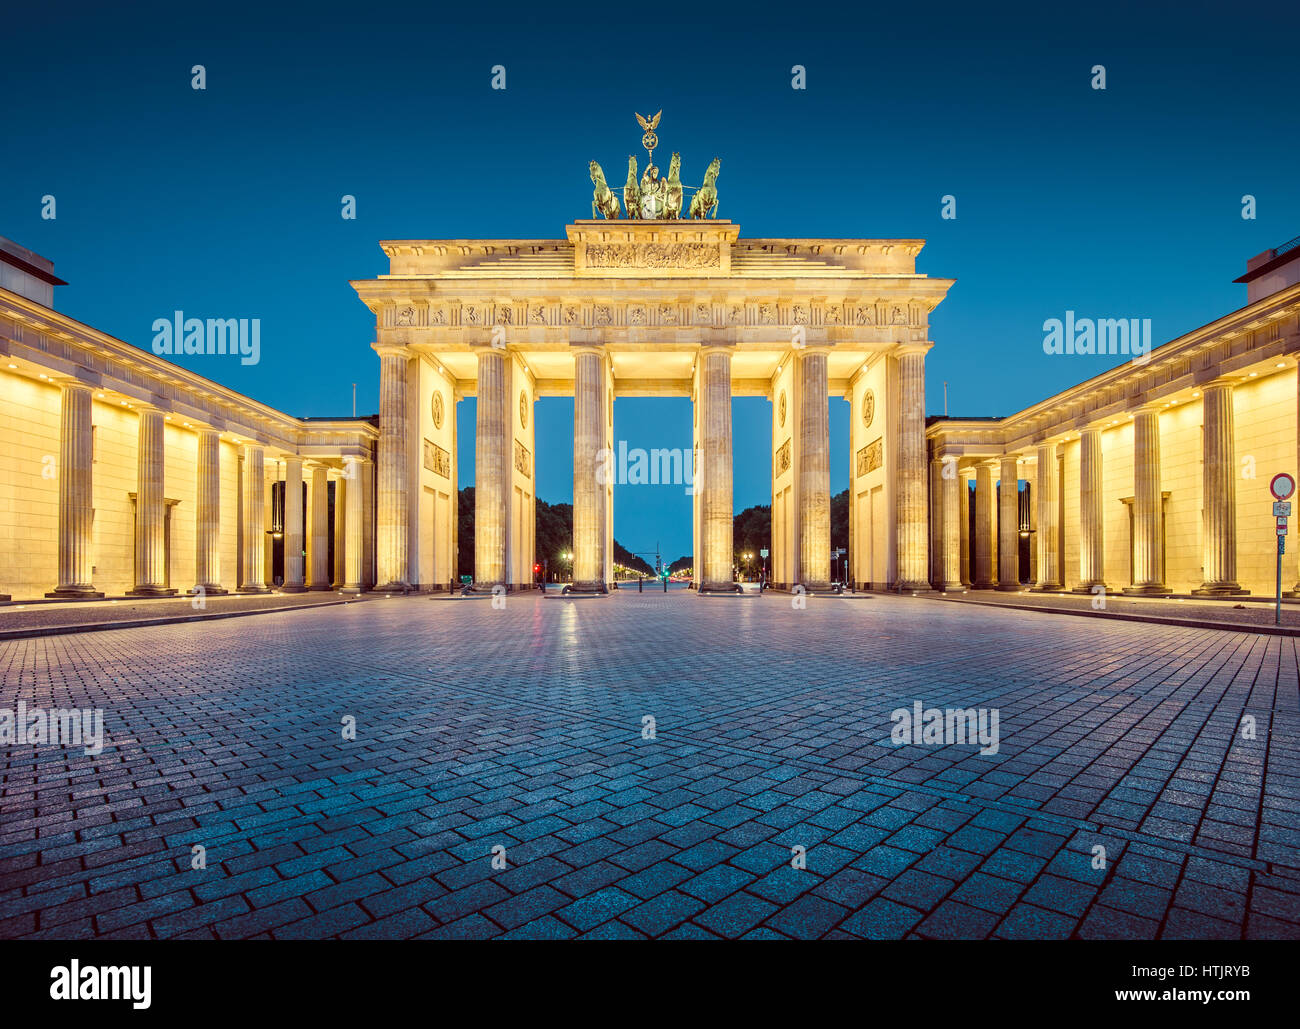 Panorama des berühmten Brandenburger Tor (Brandenburger Tor), eines der bekanntesten Wahrzeichen und nationale Stockbild